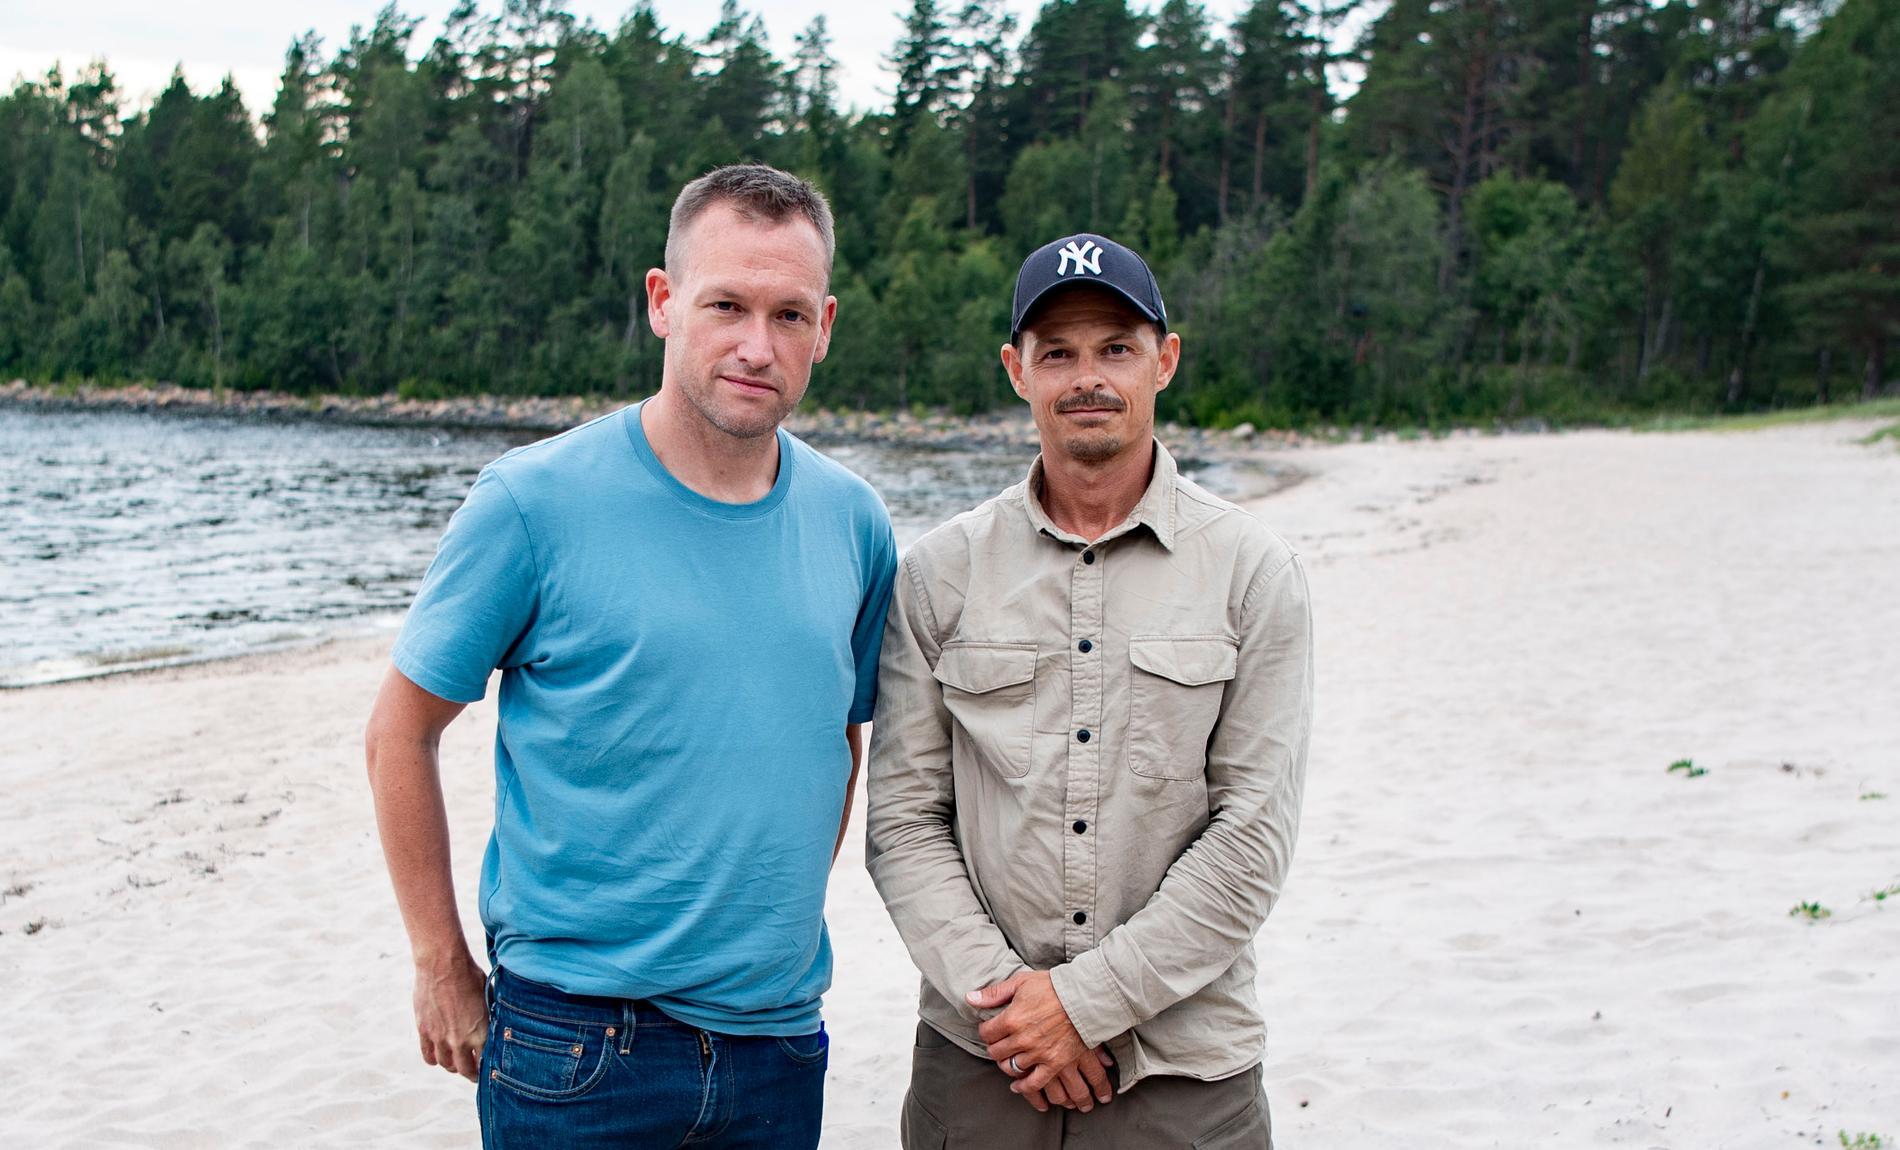 """Aftonbladets Torbjörn Ek och Peter Wixtröm på plats på Seskarö i Haparanda skärgård där """"Robinson"""" spelas in sommaren 2020."""